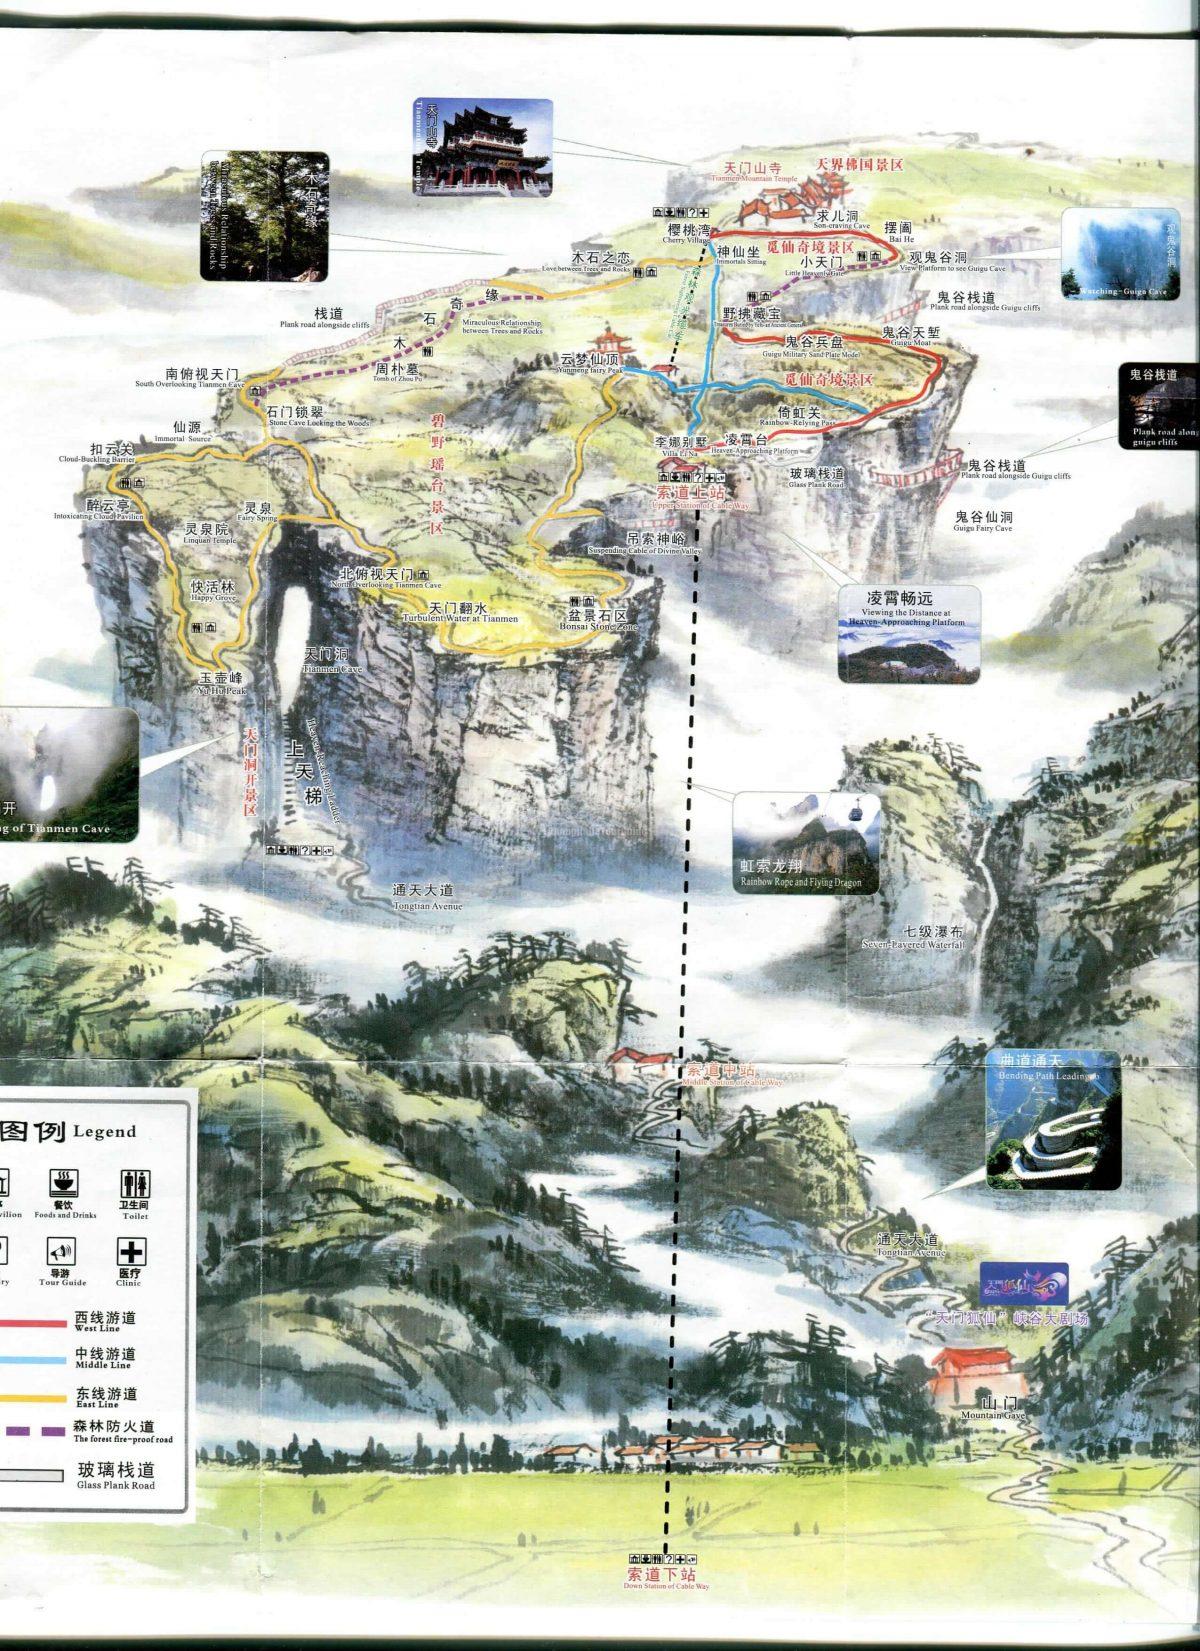 zhangjiajie tianmenshan tour map